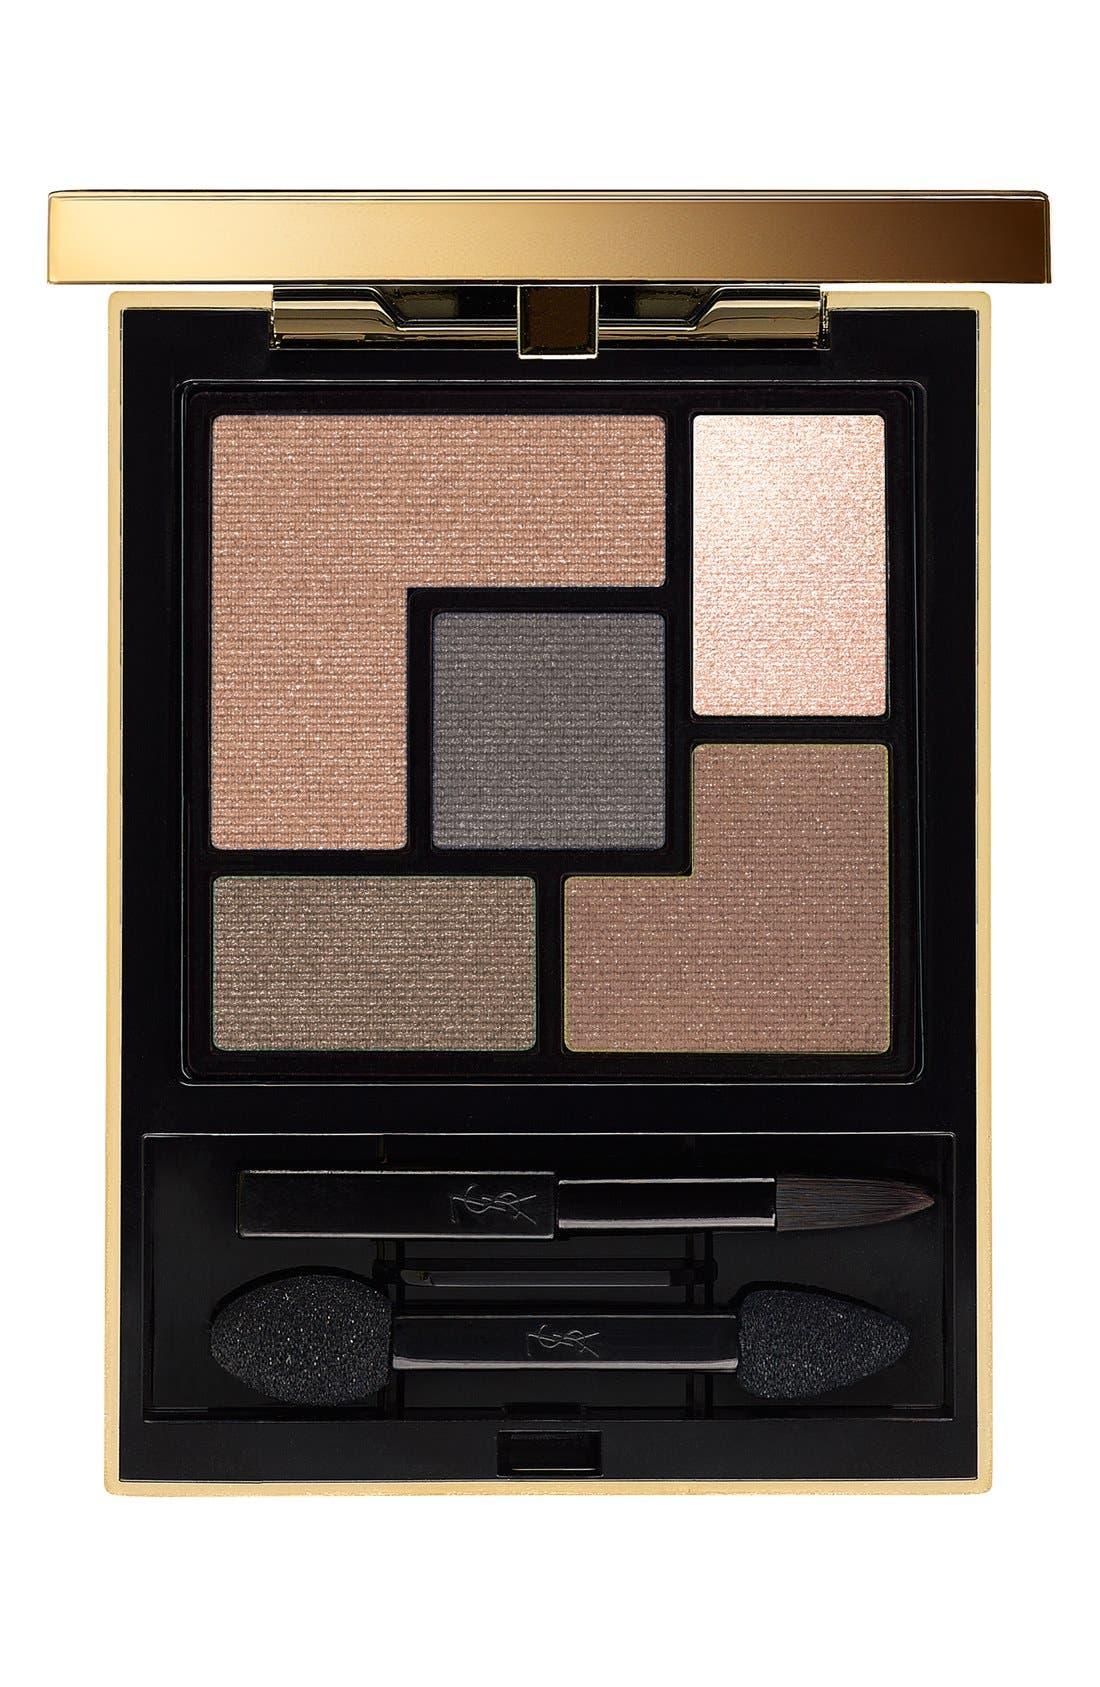 Yves Saint Laurent 5 Color Couture Palette - 02 Fauves